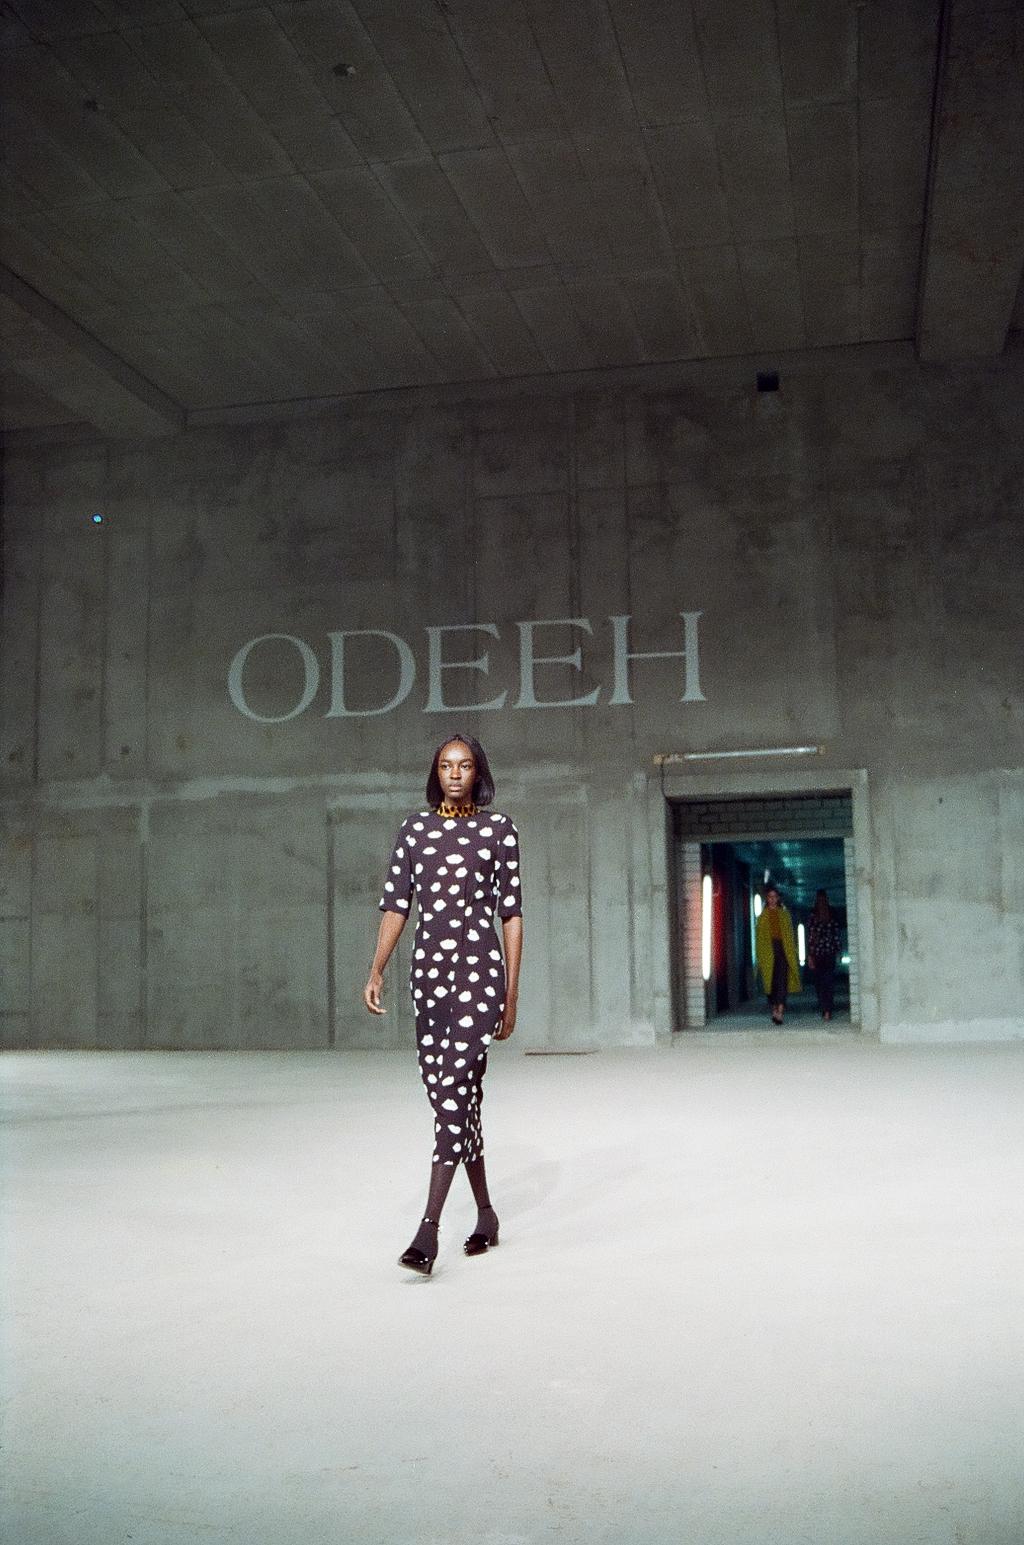 honigschreck_ honigstein _ fashionweek _ odeeh (30).jpg